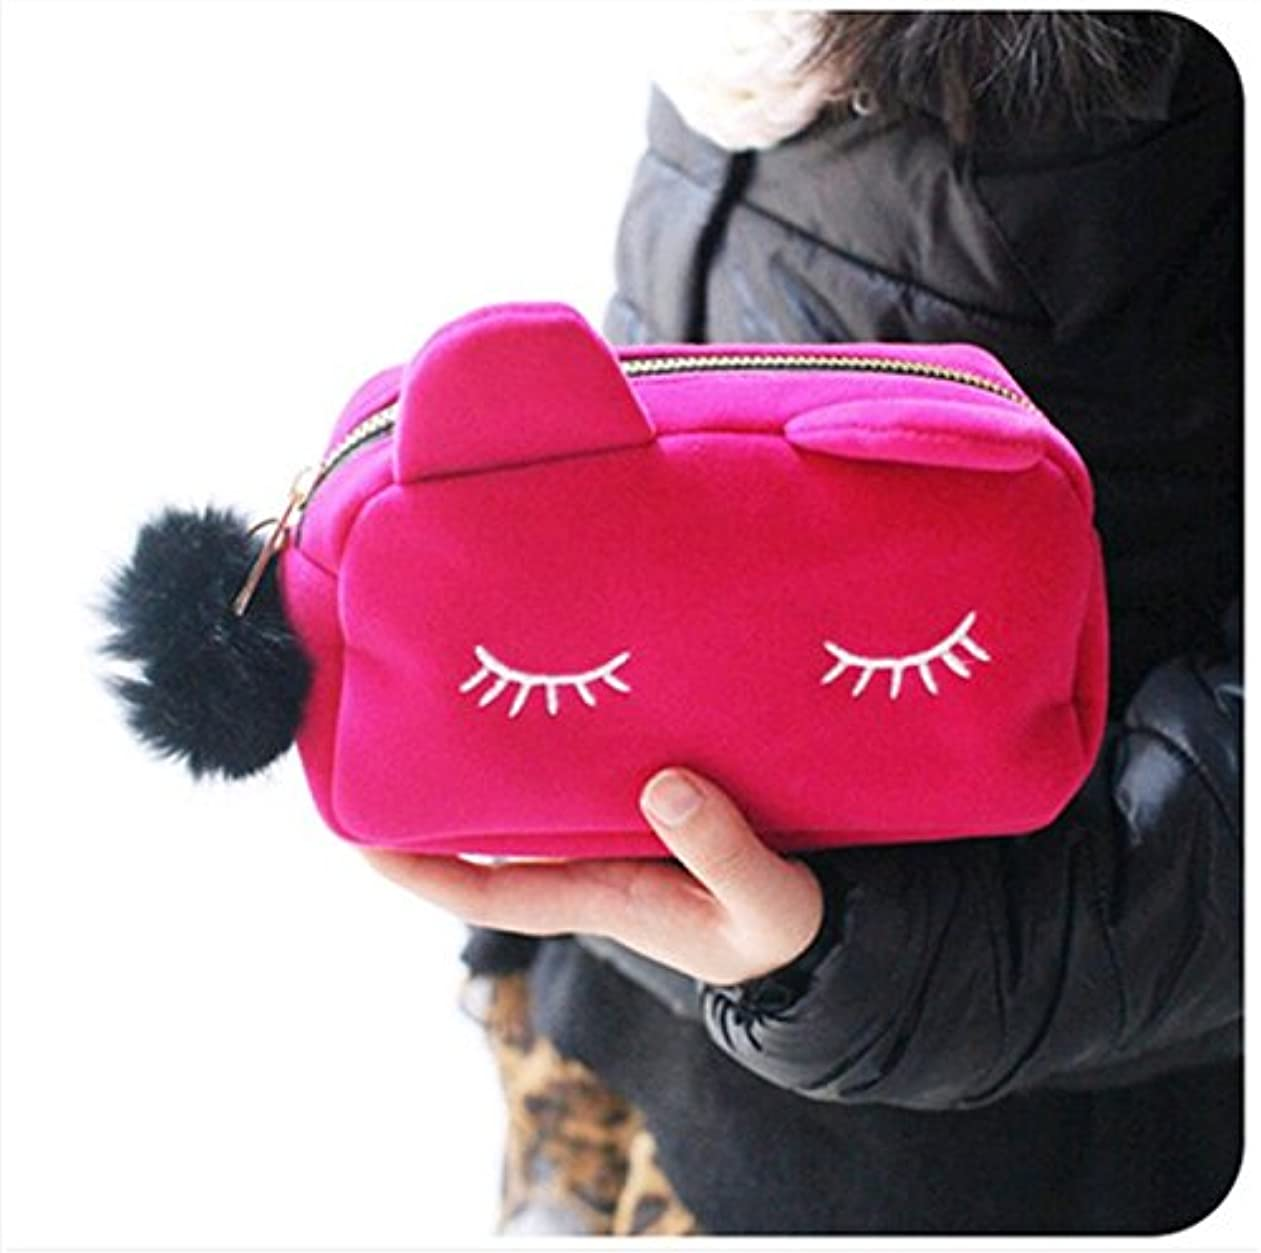 ハプニングタクシー嫌な猫 化粧ポーチ バニティベロア ポンポン付き ピンク